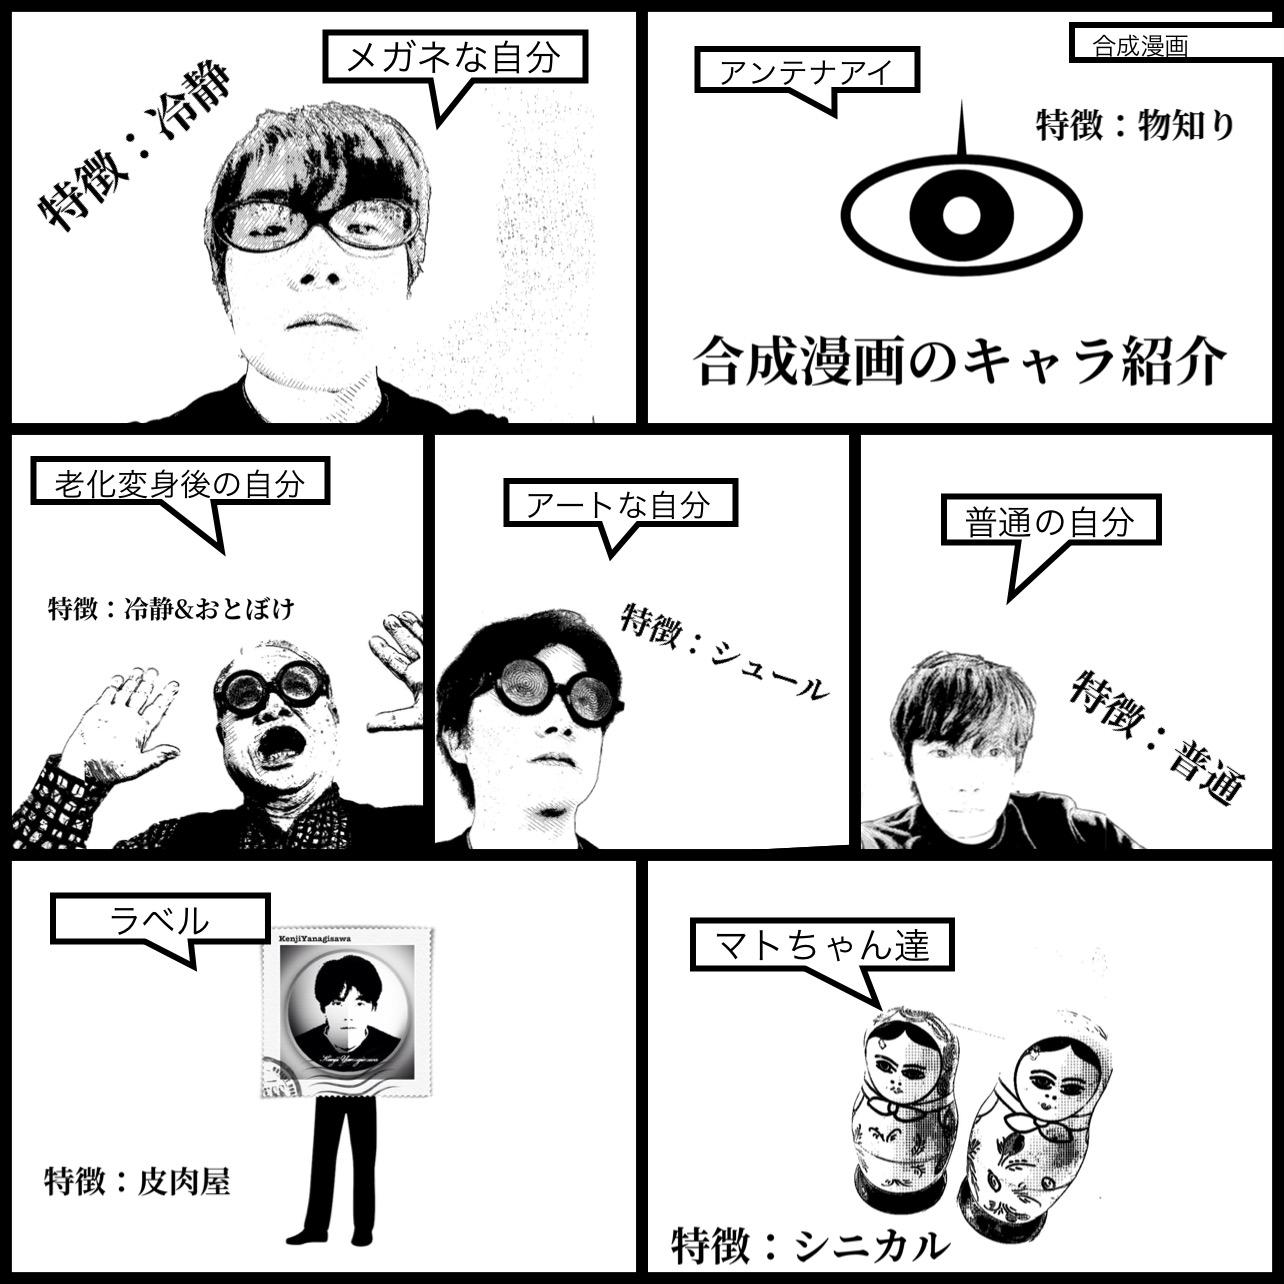 合成漫画のキャラ紹介